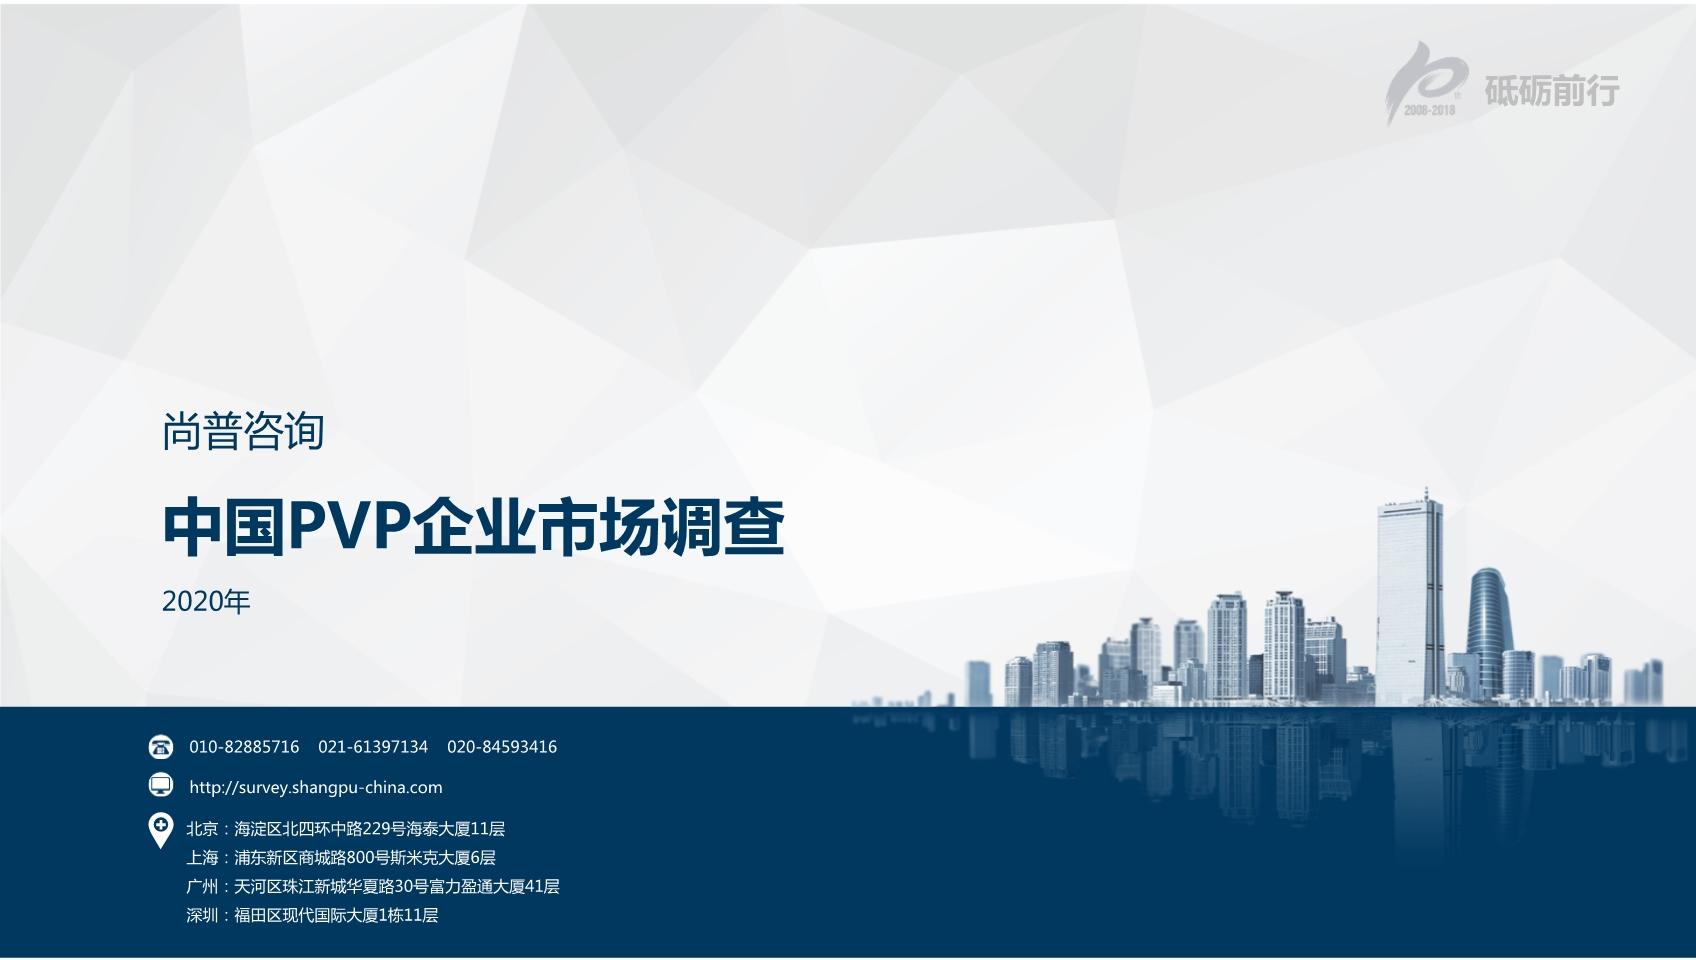 尚普咨询:2020年中国PVP企业市场调查